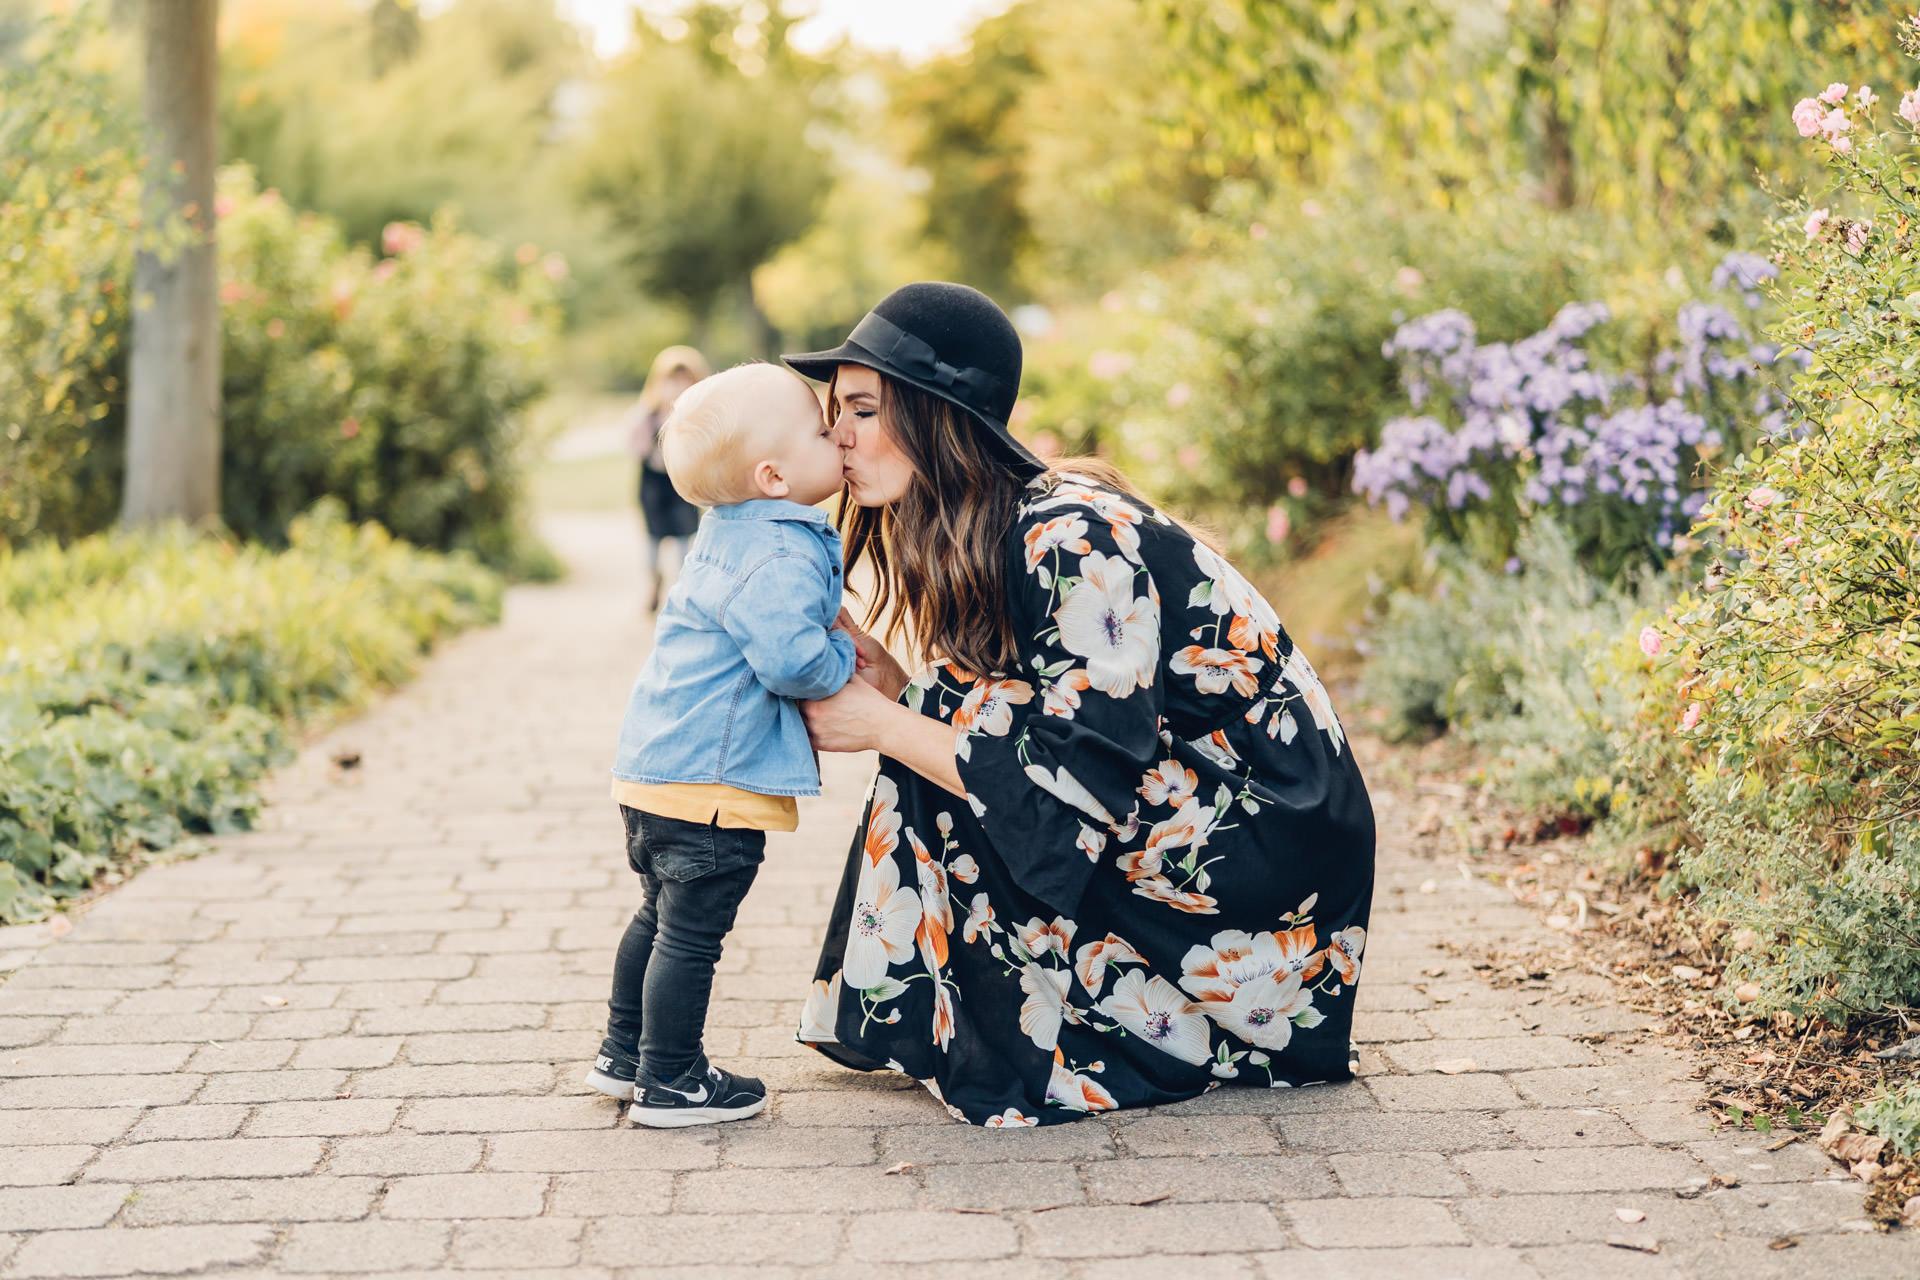 Hübsche junge Mama im Blumenkleid küsst ihren kleinen Sohn in der Natur im Sonnenuntergang